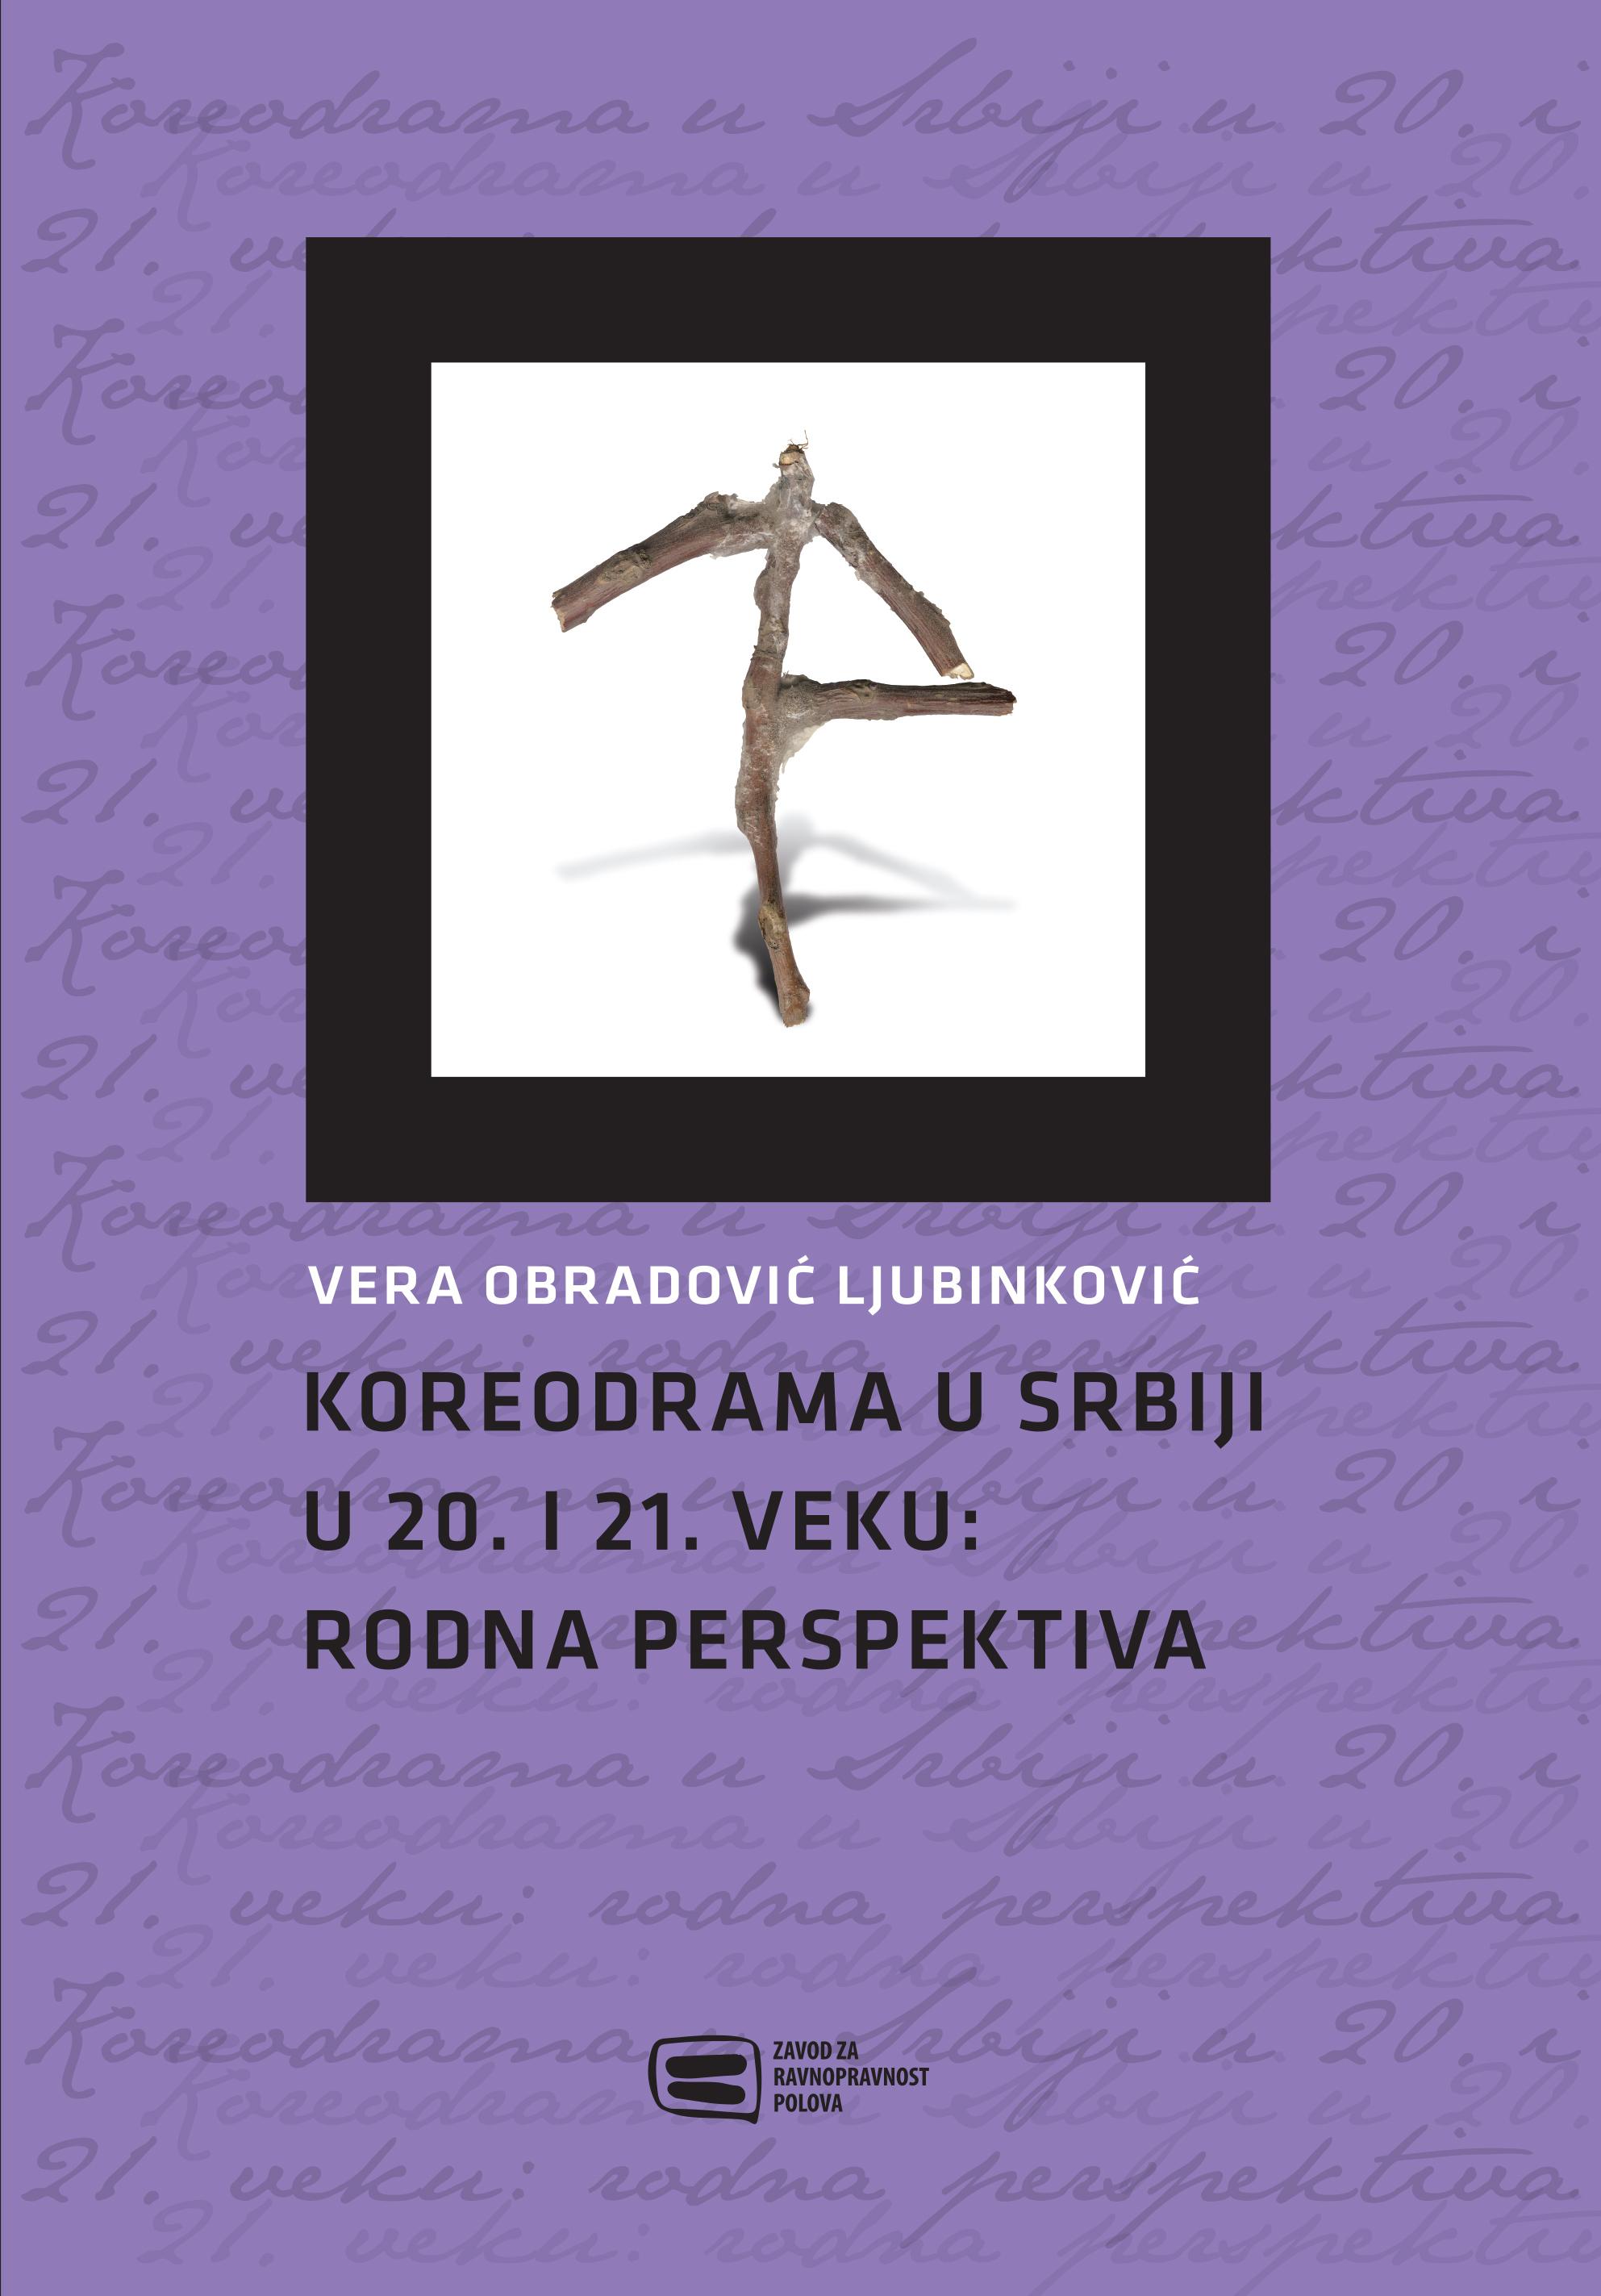 Vera---Koreodrama-u-Srbiji-Naslovna----FINAL